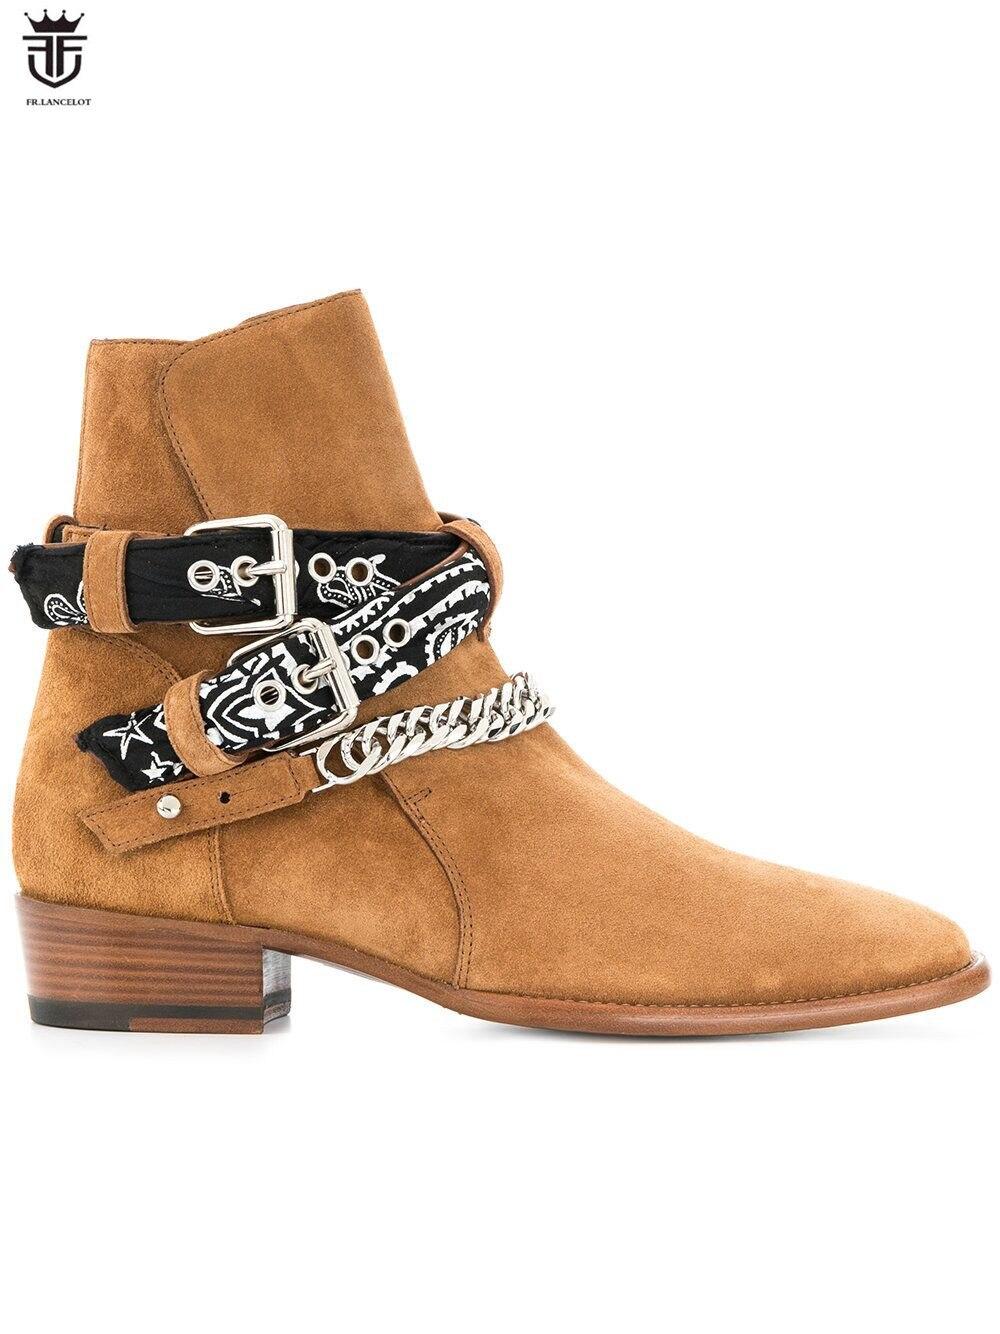 FR. LANCELOT 2019 bottes chelsea hommes en cuir suédé bottes desigh point chaussures ouvertes bottines nouveau ruban chaînes parti hommes bottes